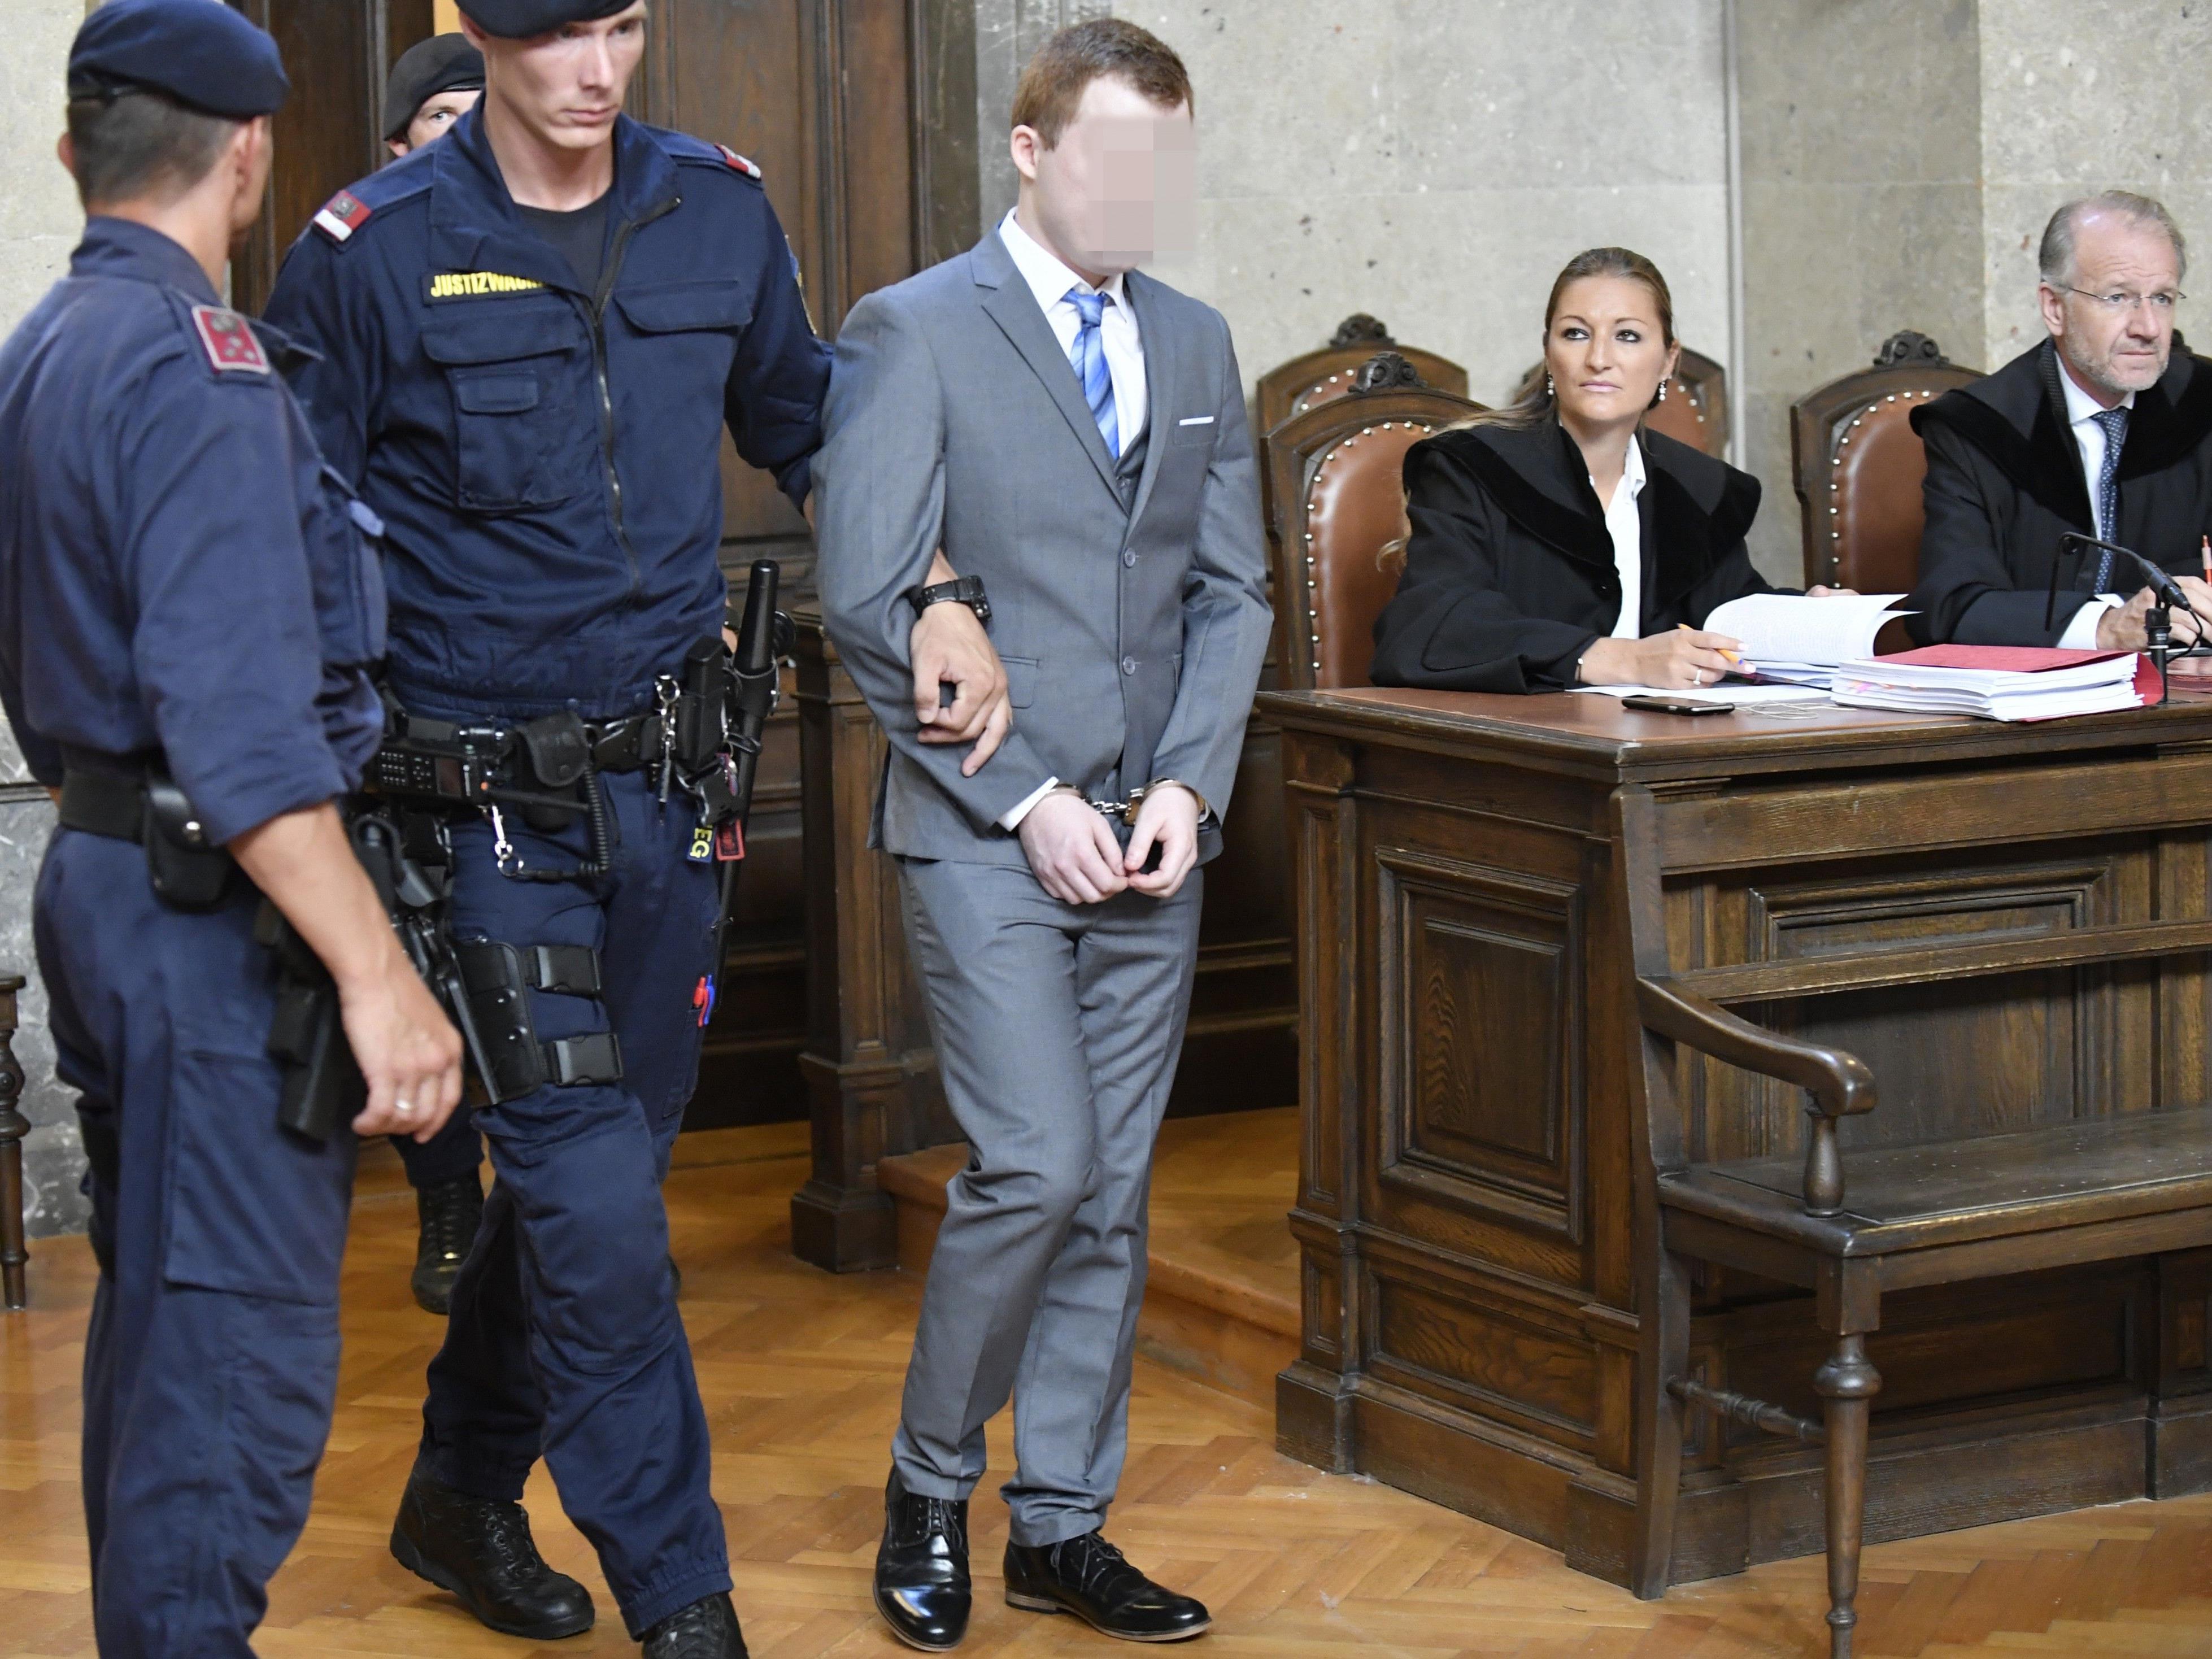 Lebenslange Haft gab es für den 24-jährigen Polizisten